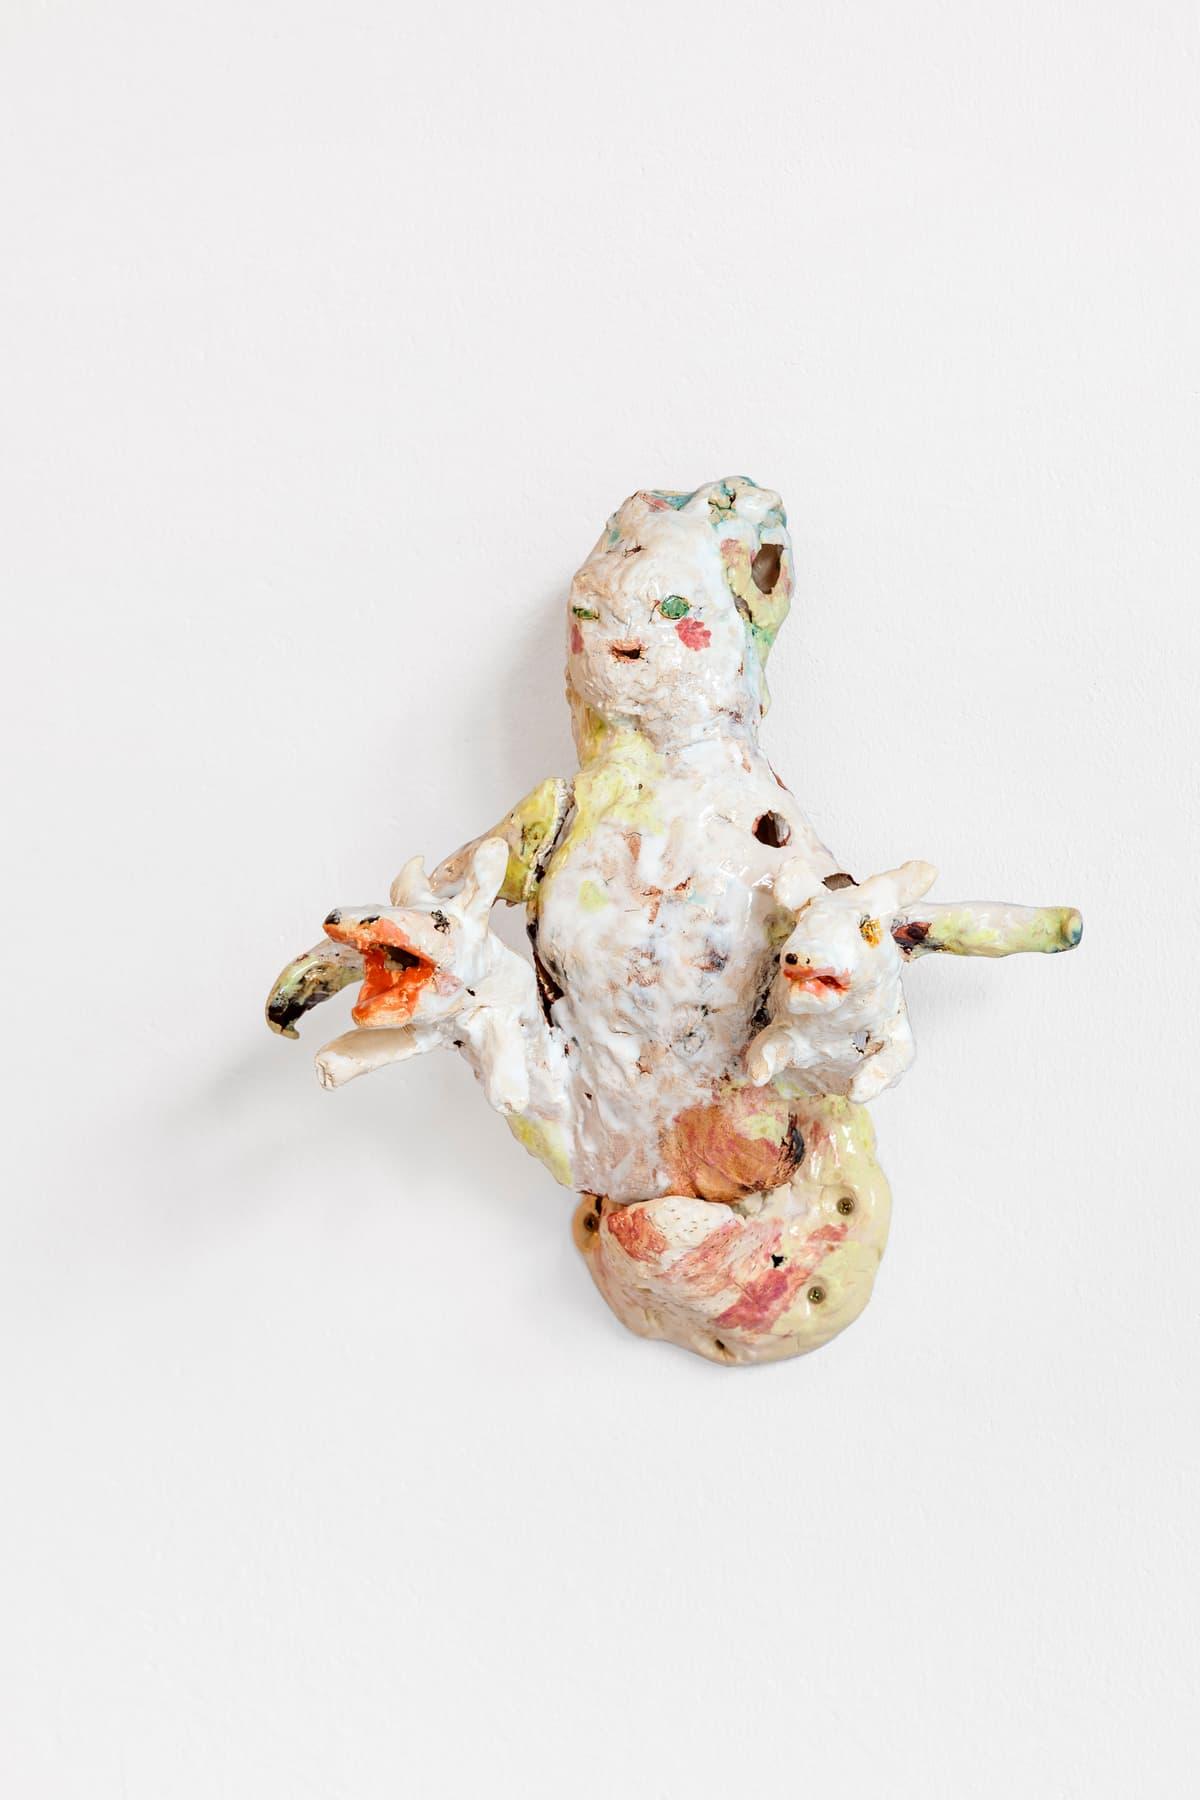 Asana Fujikawa, ein Kind, 2021, Keramik, 29 x 27 x 20 cm, Foto: Fred Dott, Hamburg